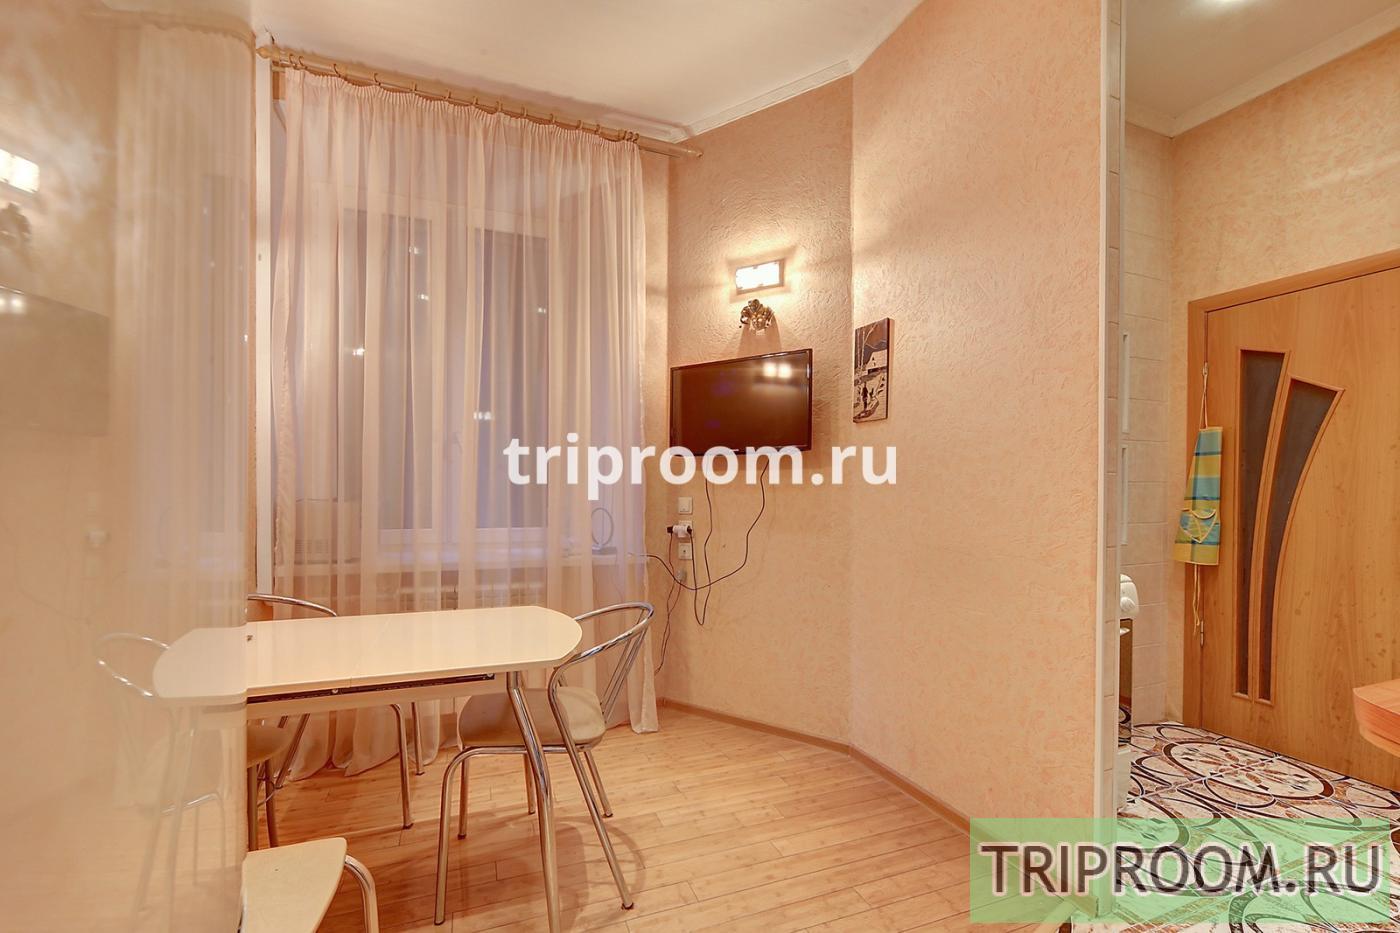 2-комнатная квартира посуточно (вариант № 15459), ул. Адмиралтейская набережная, фото № 16